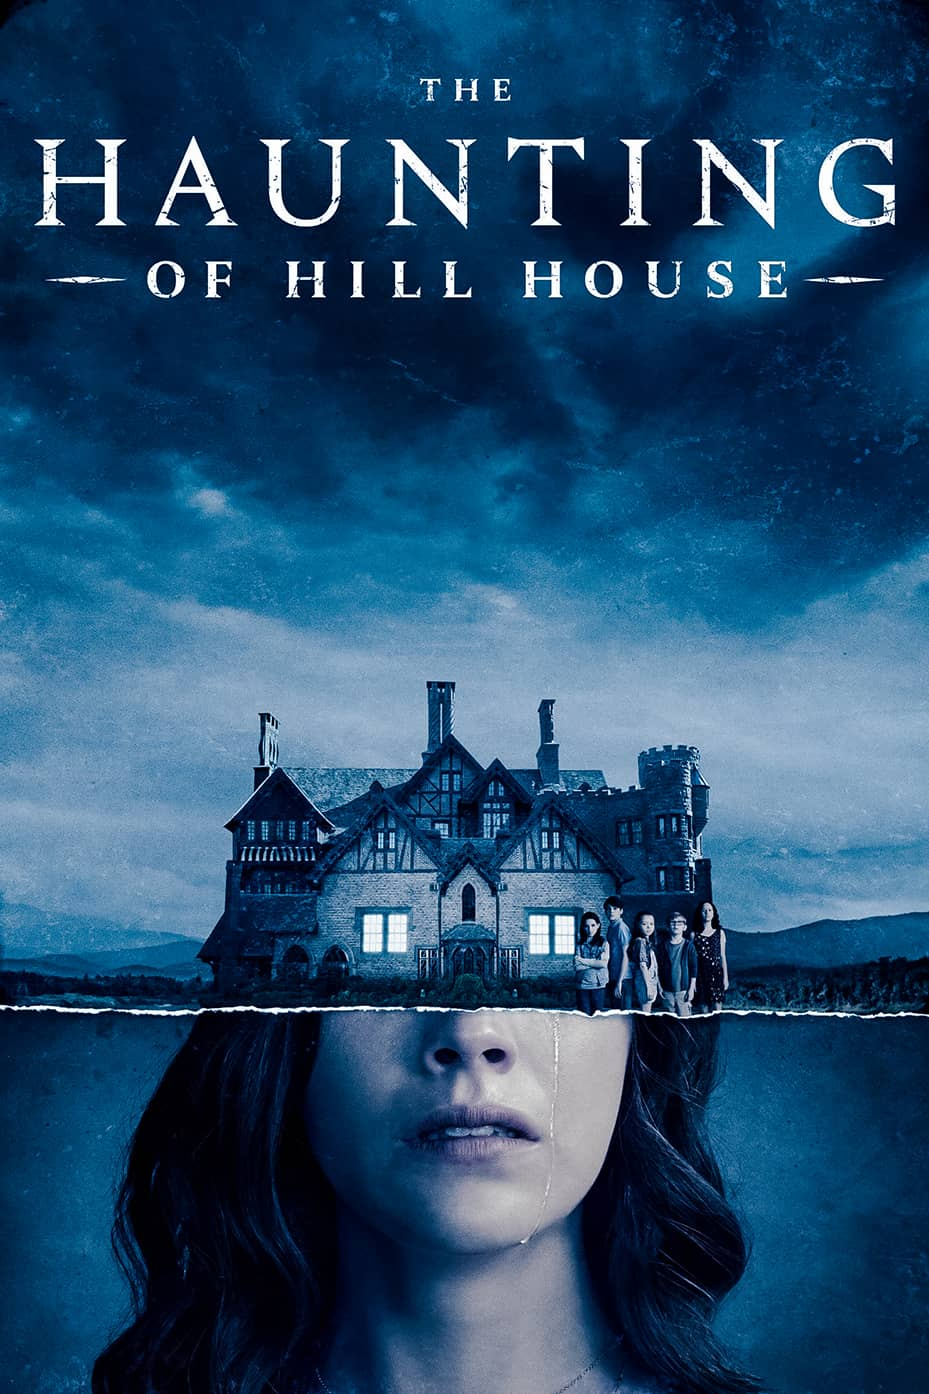 مسلسل The Haunting of Hill House الموسم الاول الحلقة 2 الثانية مترجمة